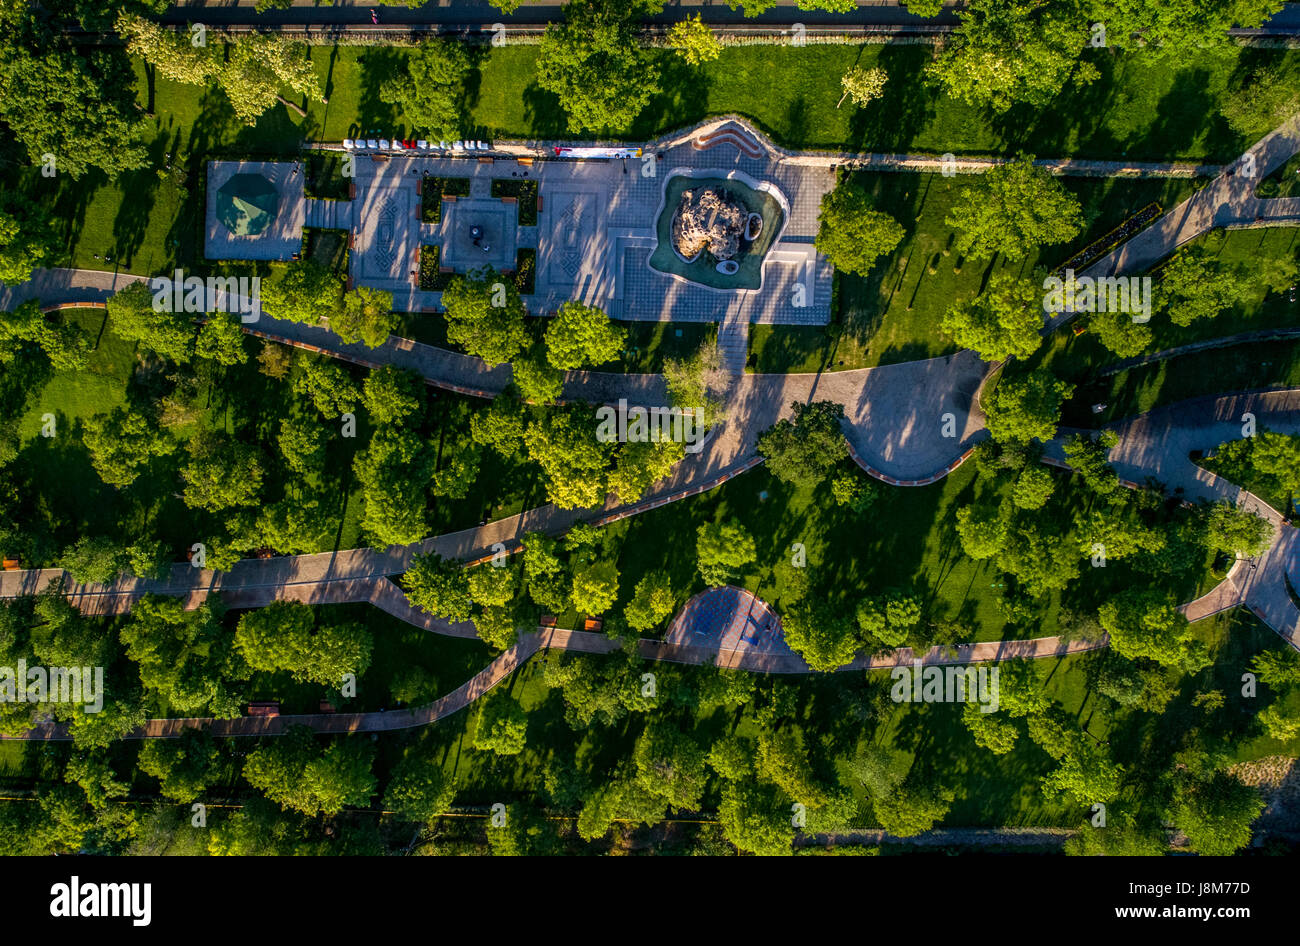 Drone shot guardare direttamente verso il basso presso il recentemente ristrutturato istanbul park in Odessa Ucraina Foto Stock